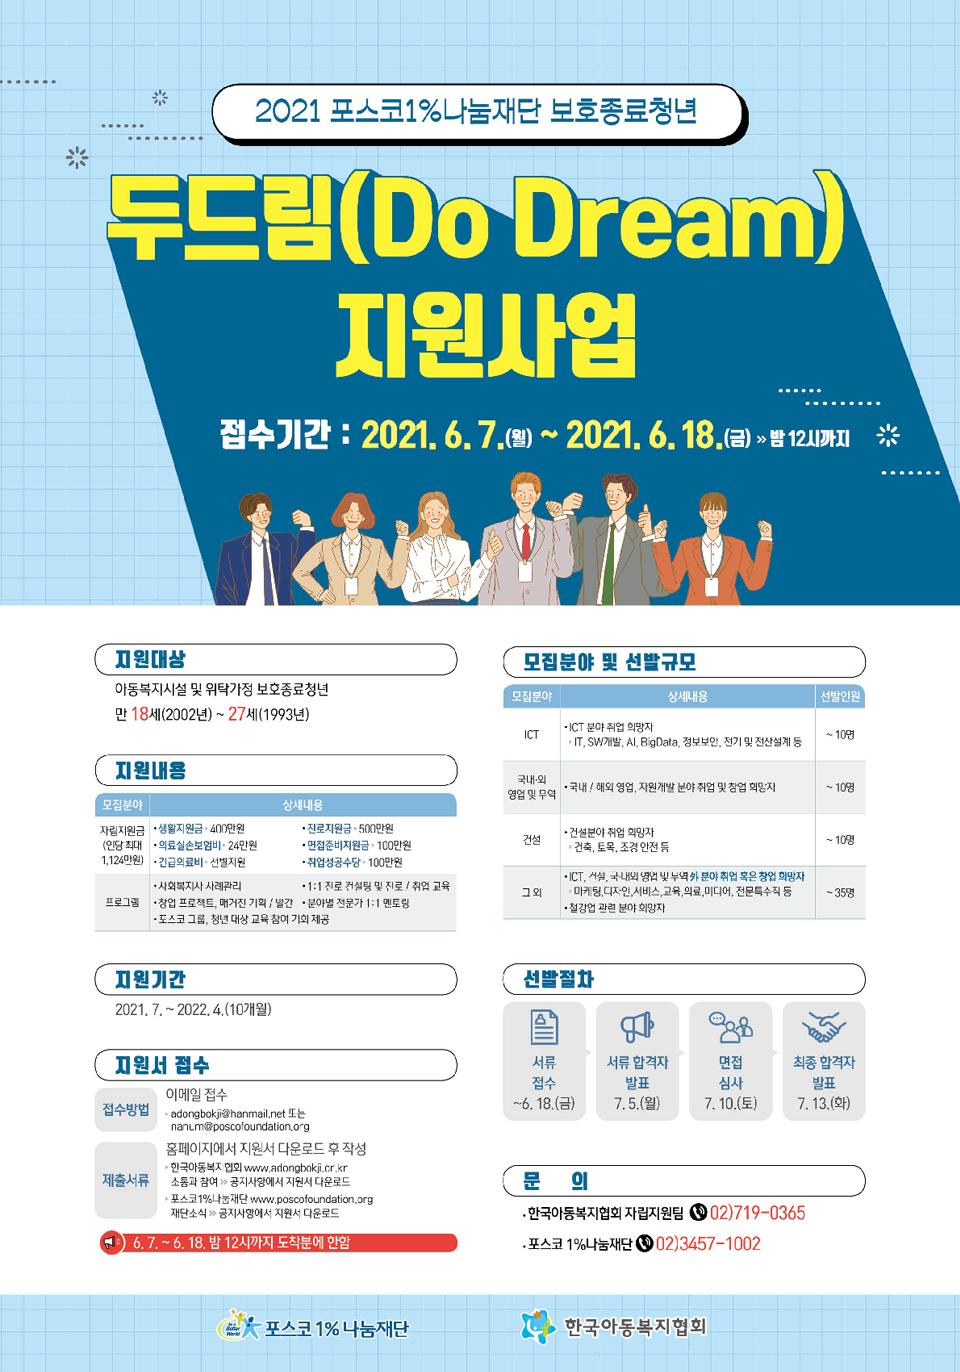 2021 두드림 참가생 모집 포스터